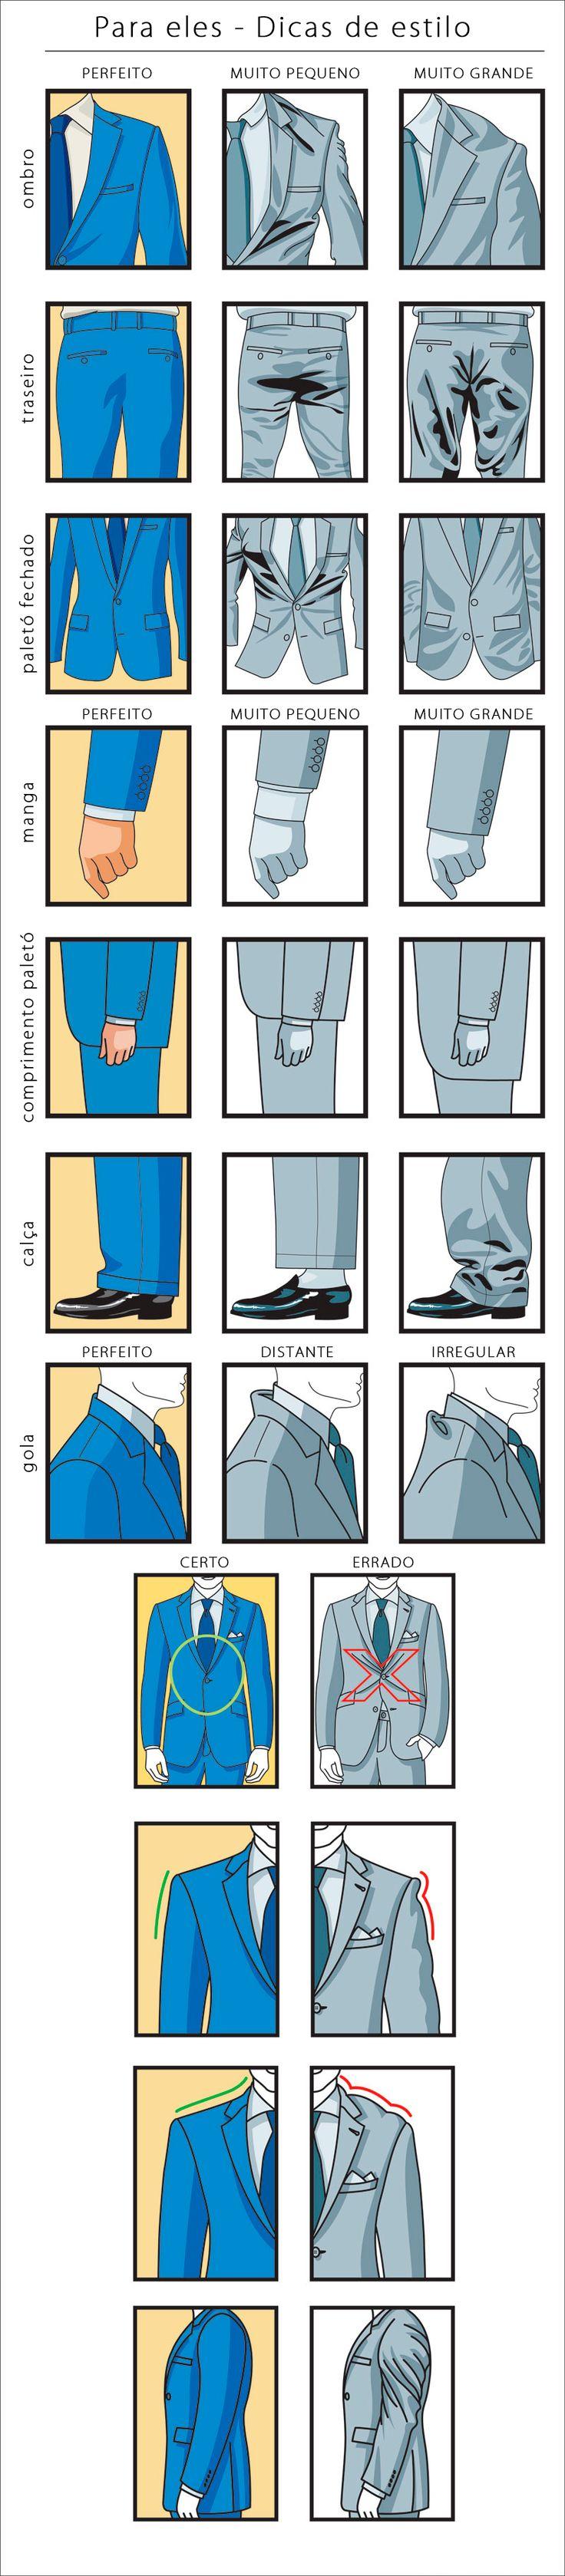 Dicas de moda para homens. Treje formal.